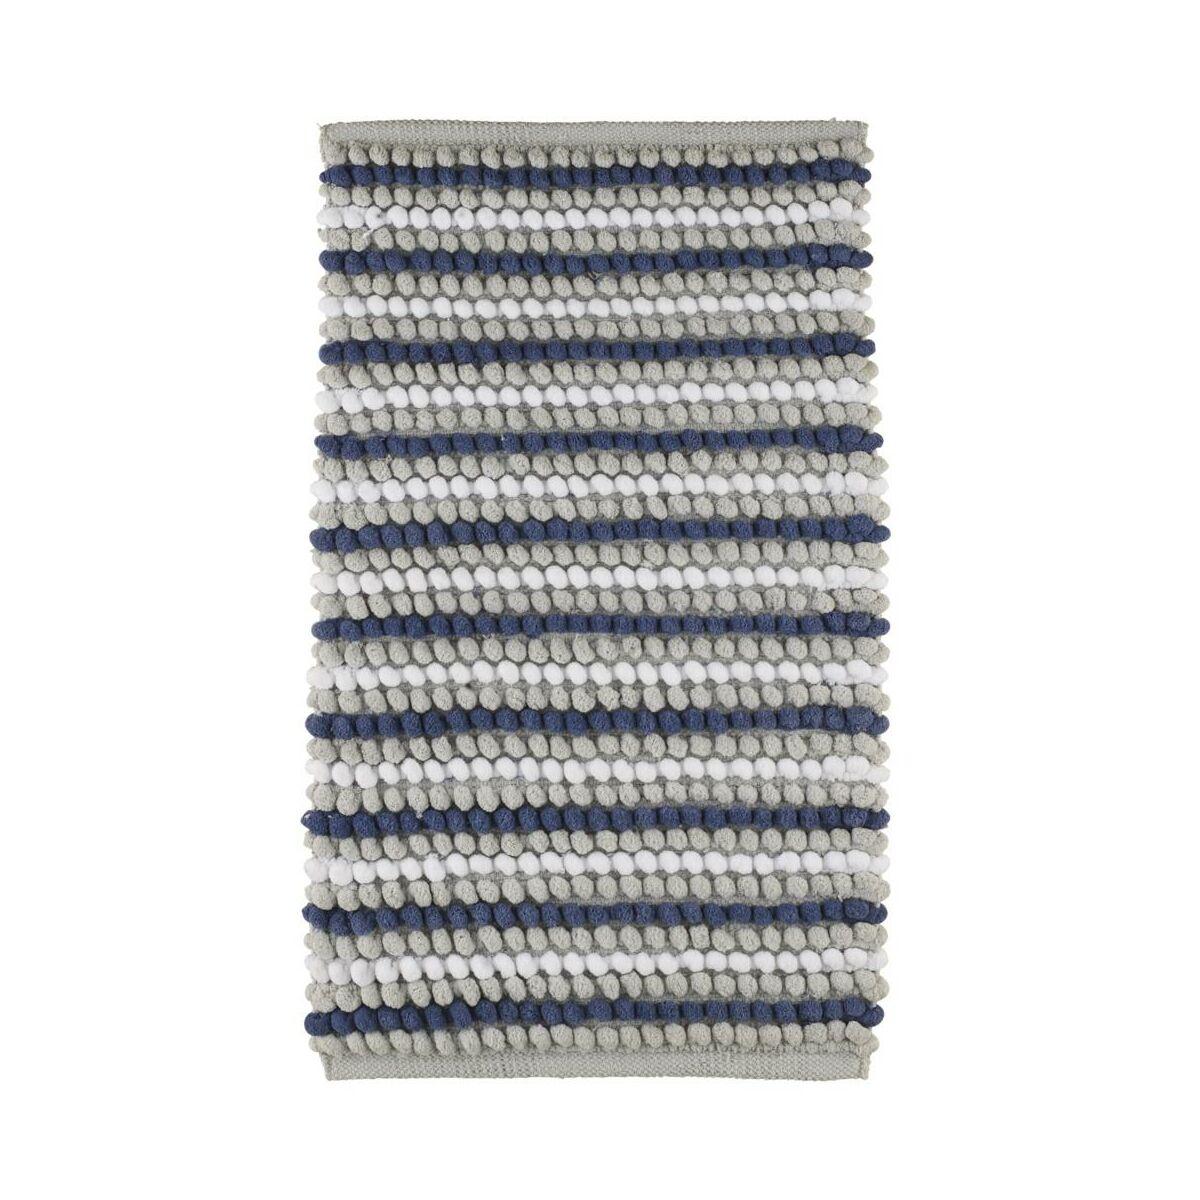 Dywanik Lazienkowy Bright Blue 50 X 83 Cm Sealskin Dywaniki W Atrakcyjnej Cenie W Sklepach Leroy Merlin